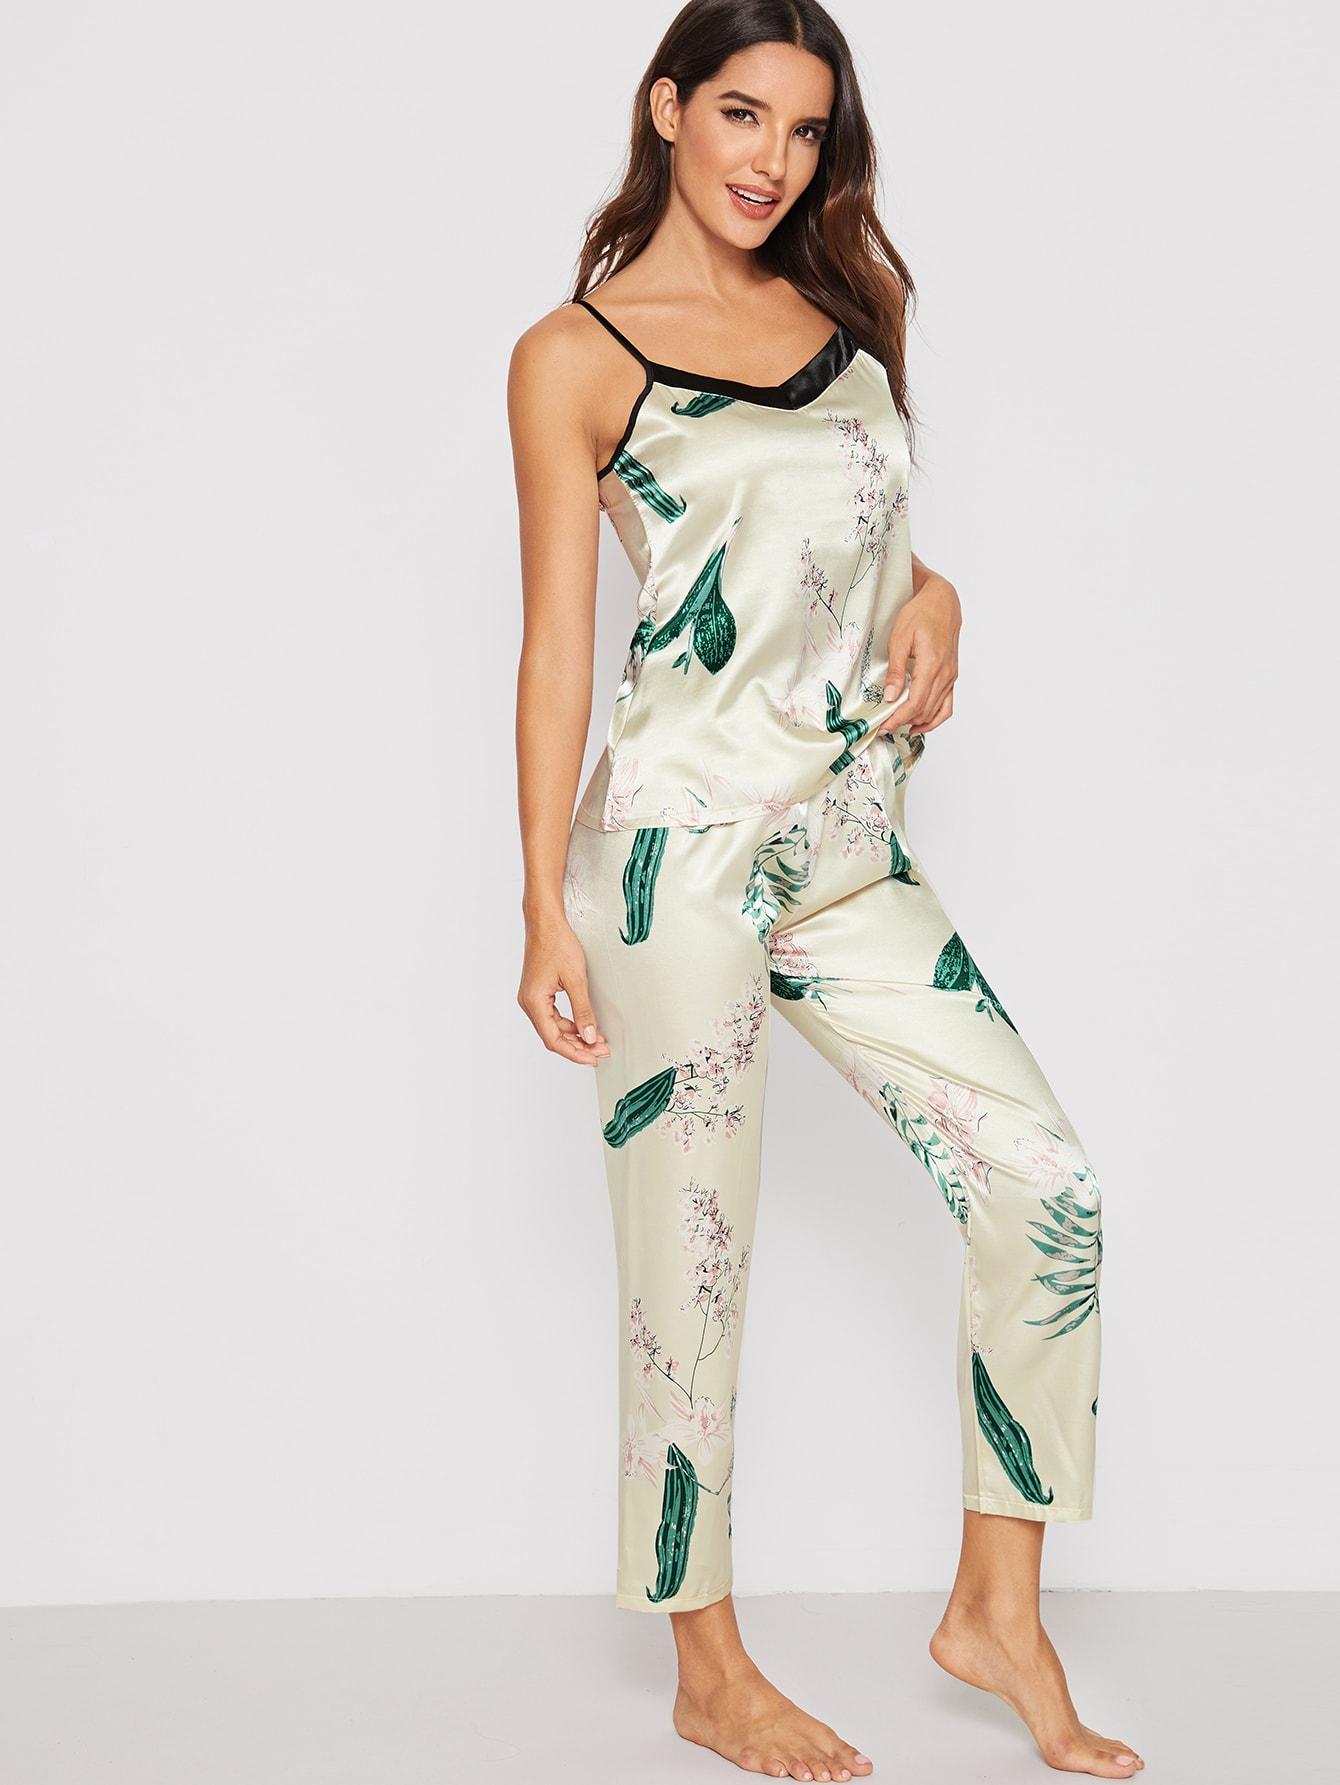 Купить Атласная пижама комплект на бретелях с графическим принтом, Juliana, SheIn